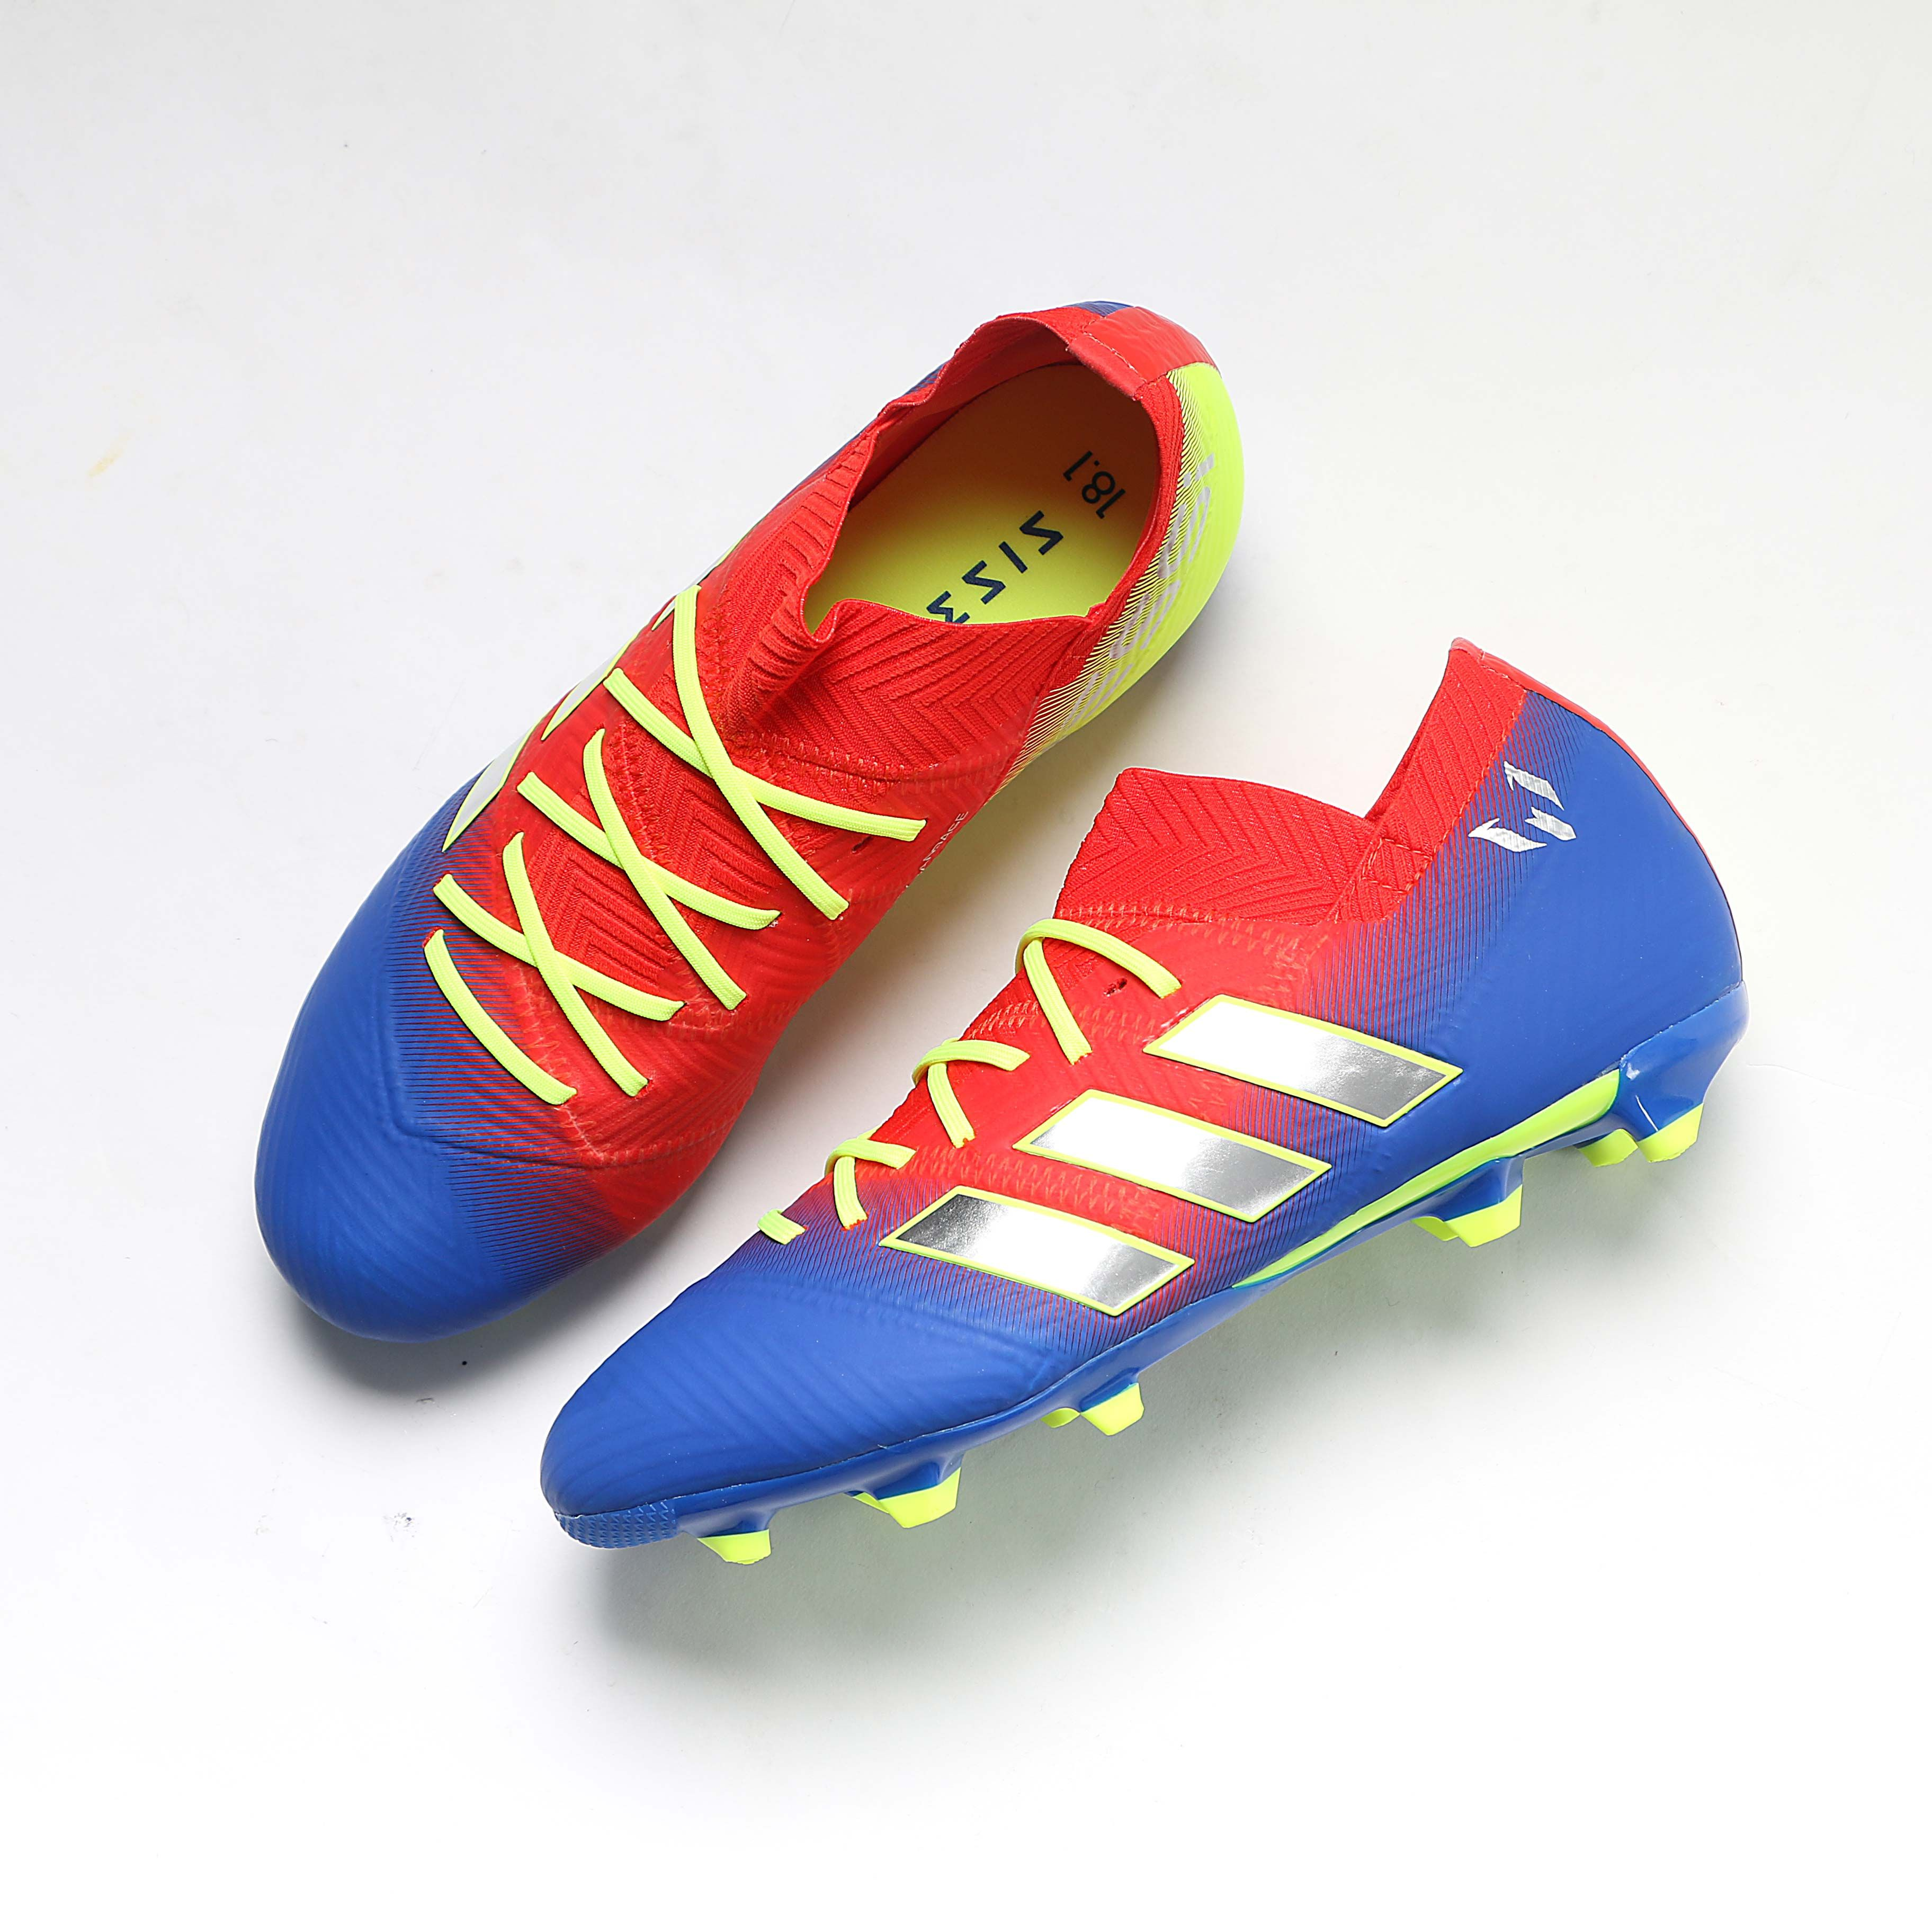 Perder Vicio Típicamente  Botas Messi | Zapatillas de messi, Botas de futbol, Tacos de futbol adidas